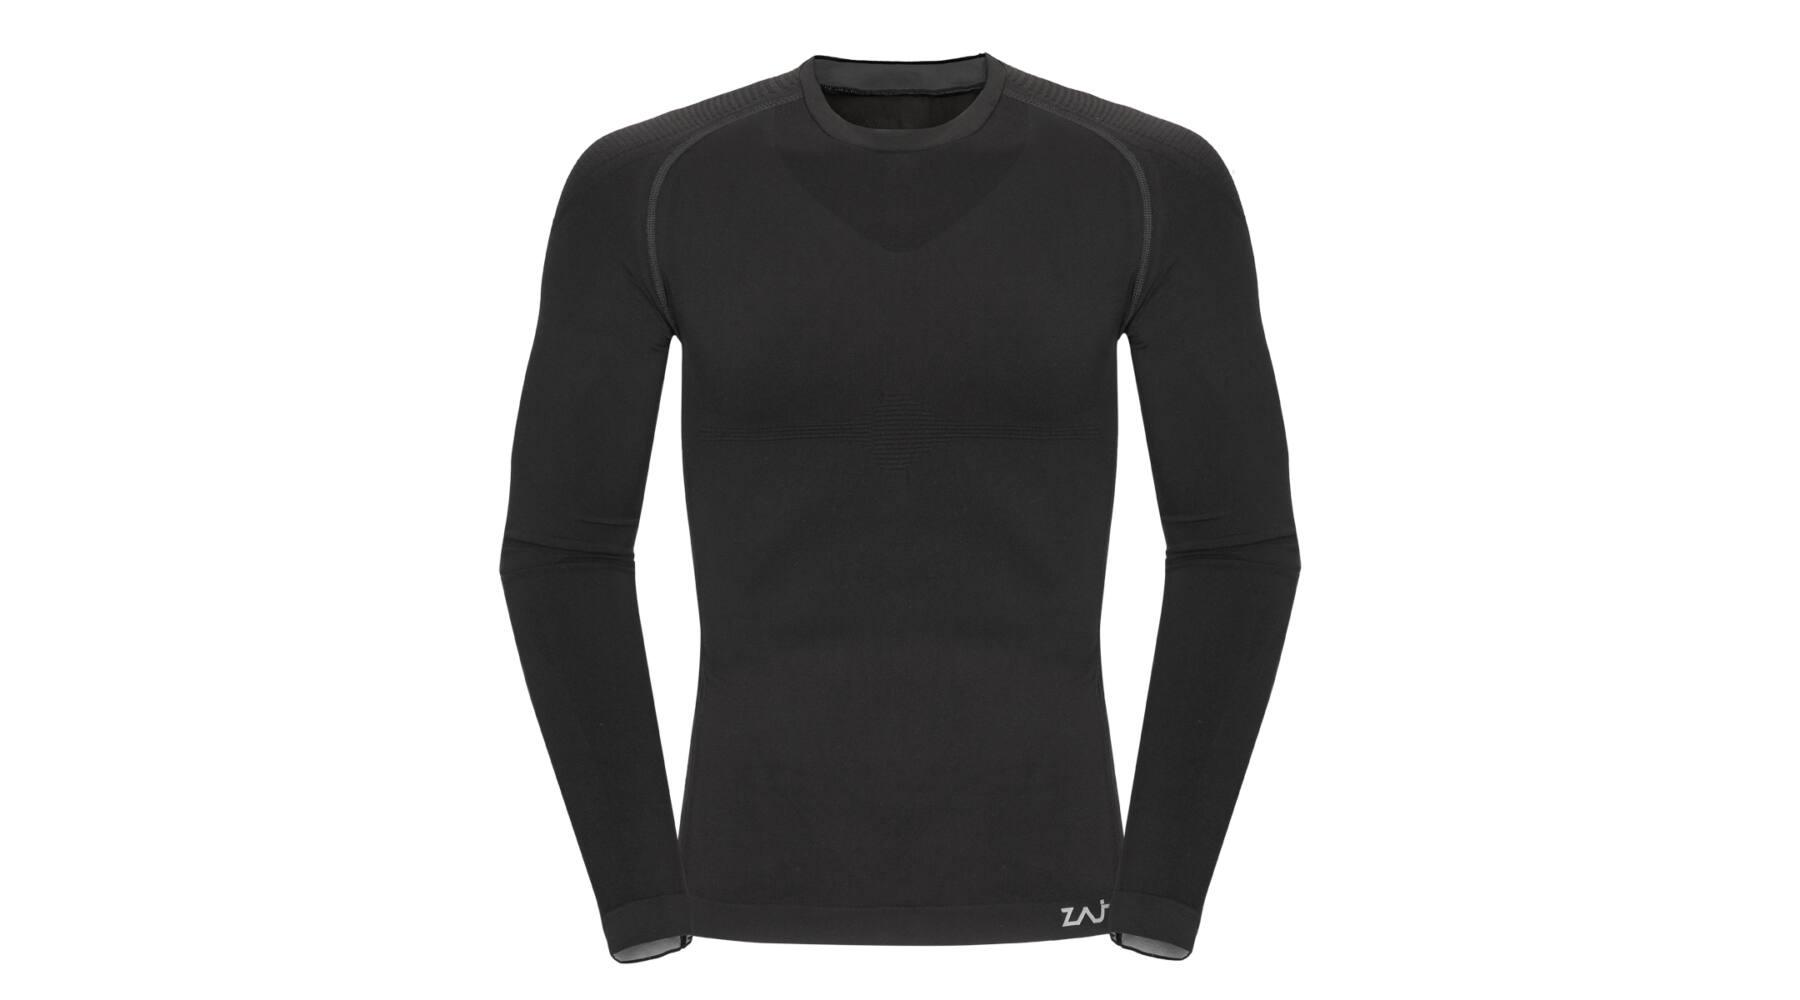 06c9bd13ce Zajo Contour M T-shirt LS férfi strech aláöltözet felső, fekete - a-Wear  Sport - Roller, kerékpár, bukósisak, túraruházat